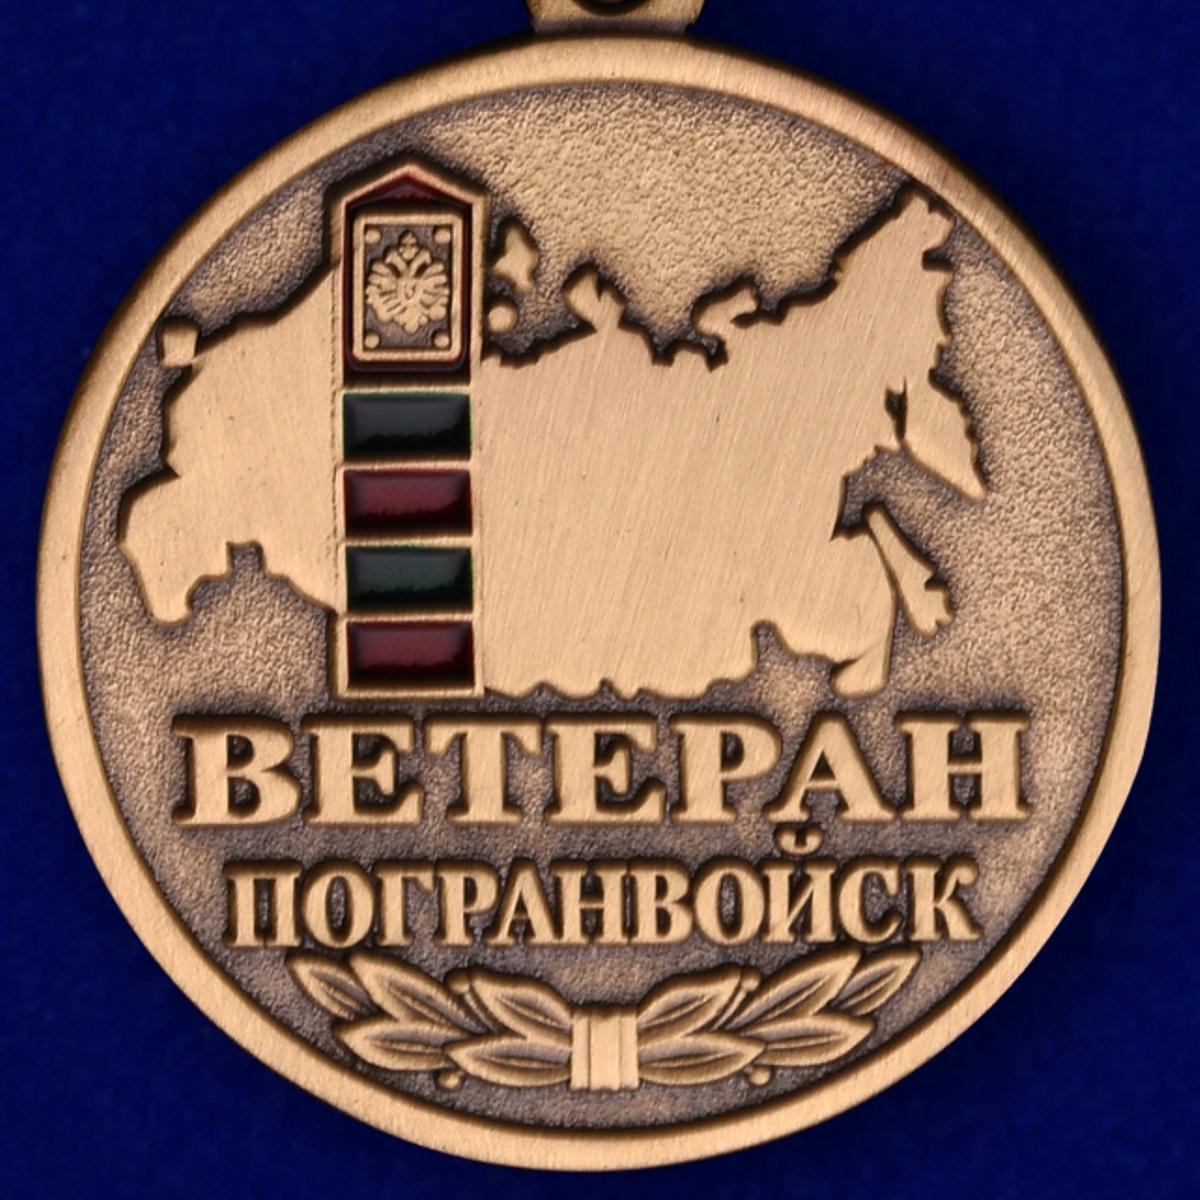 Медаль ветерану Погранвойск - аверс